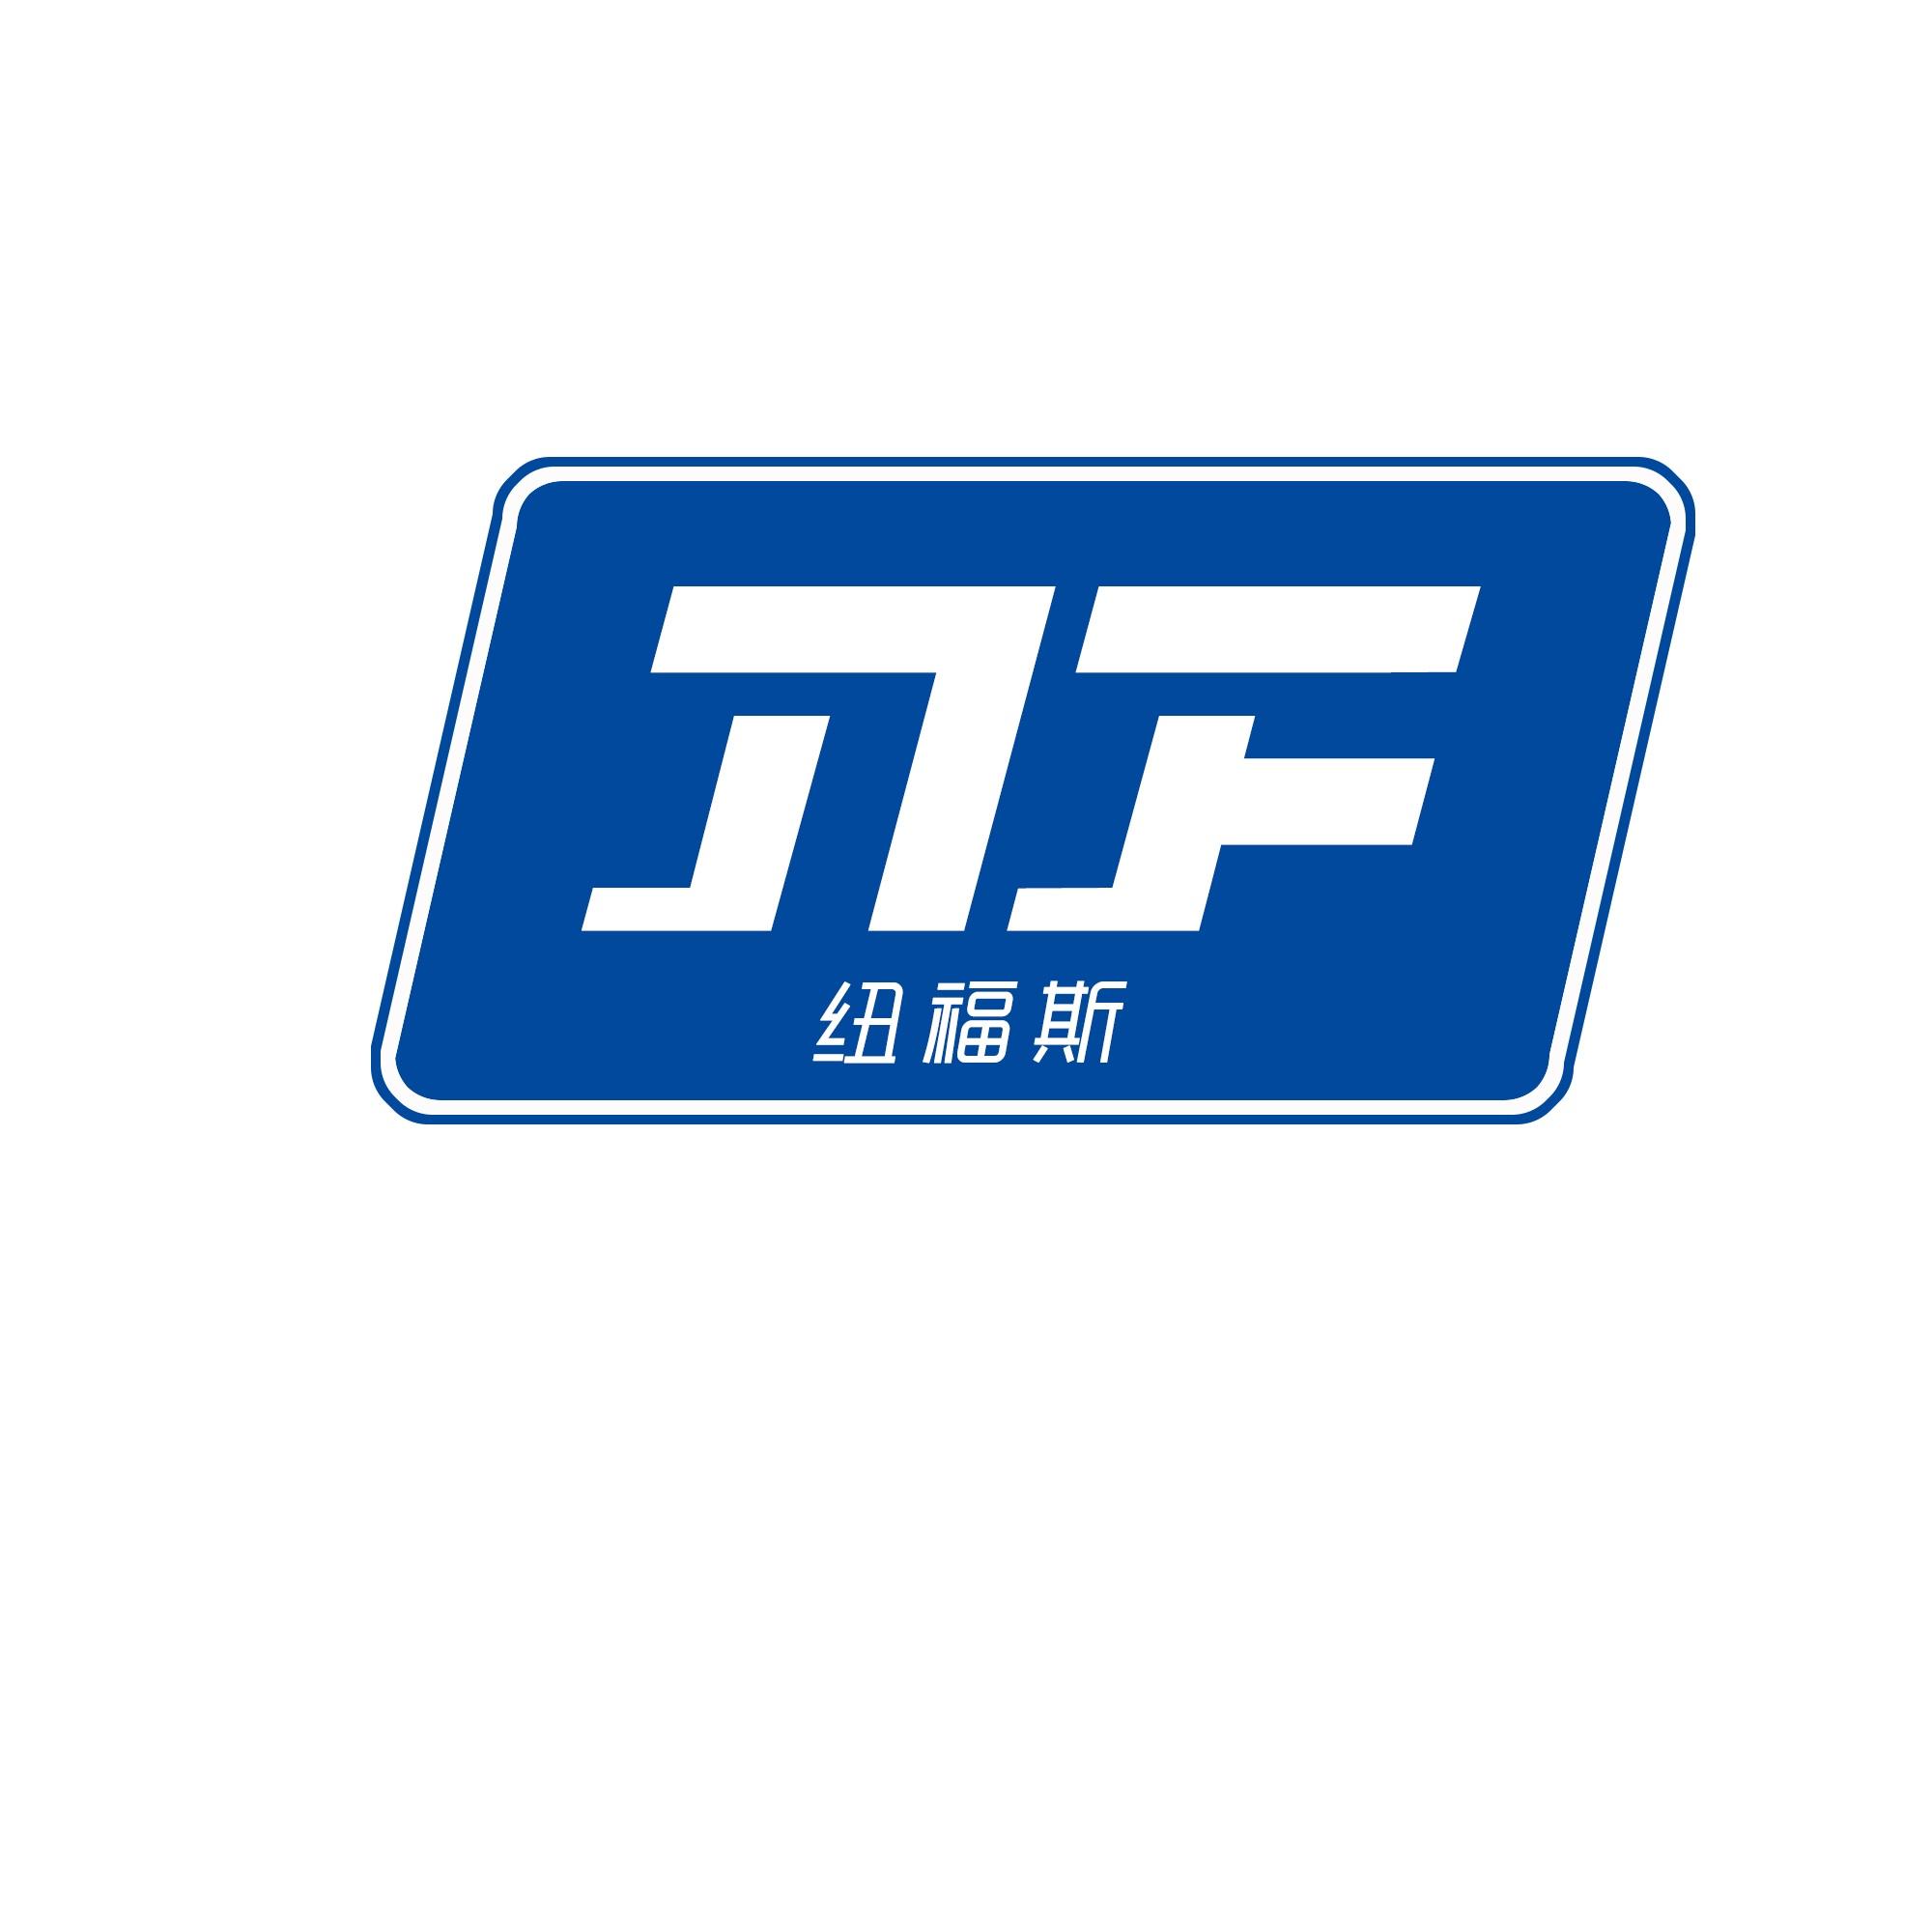 深圳市紐福斯科技有限公司